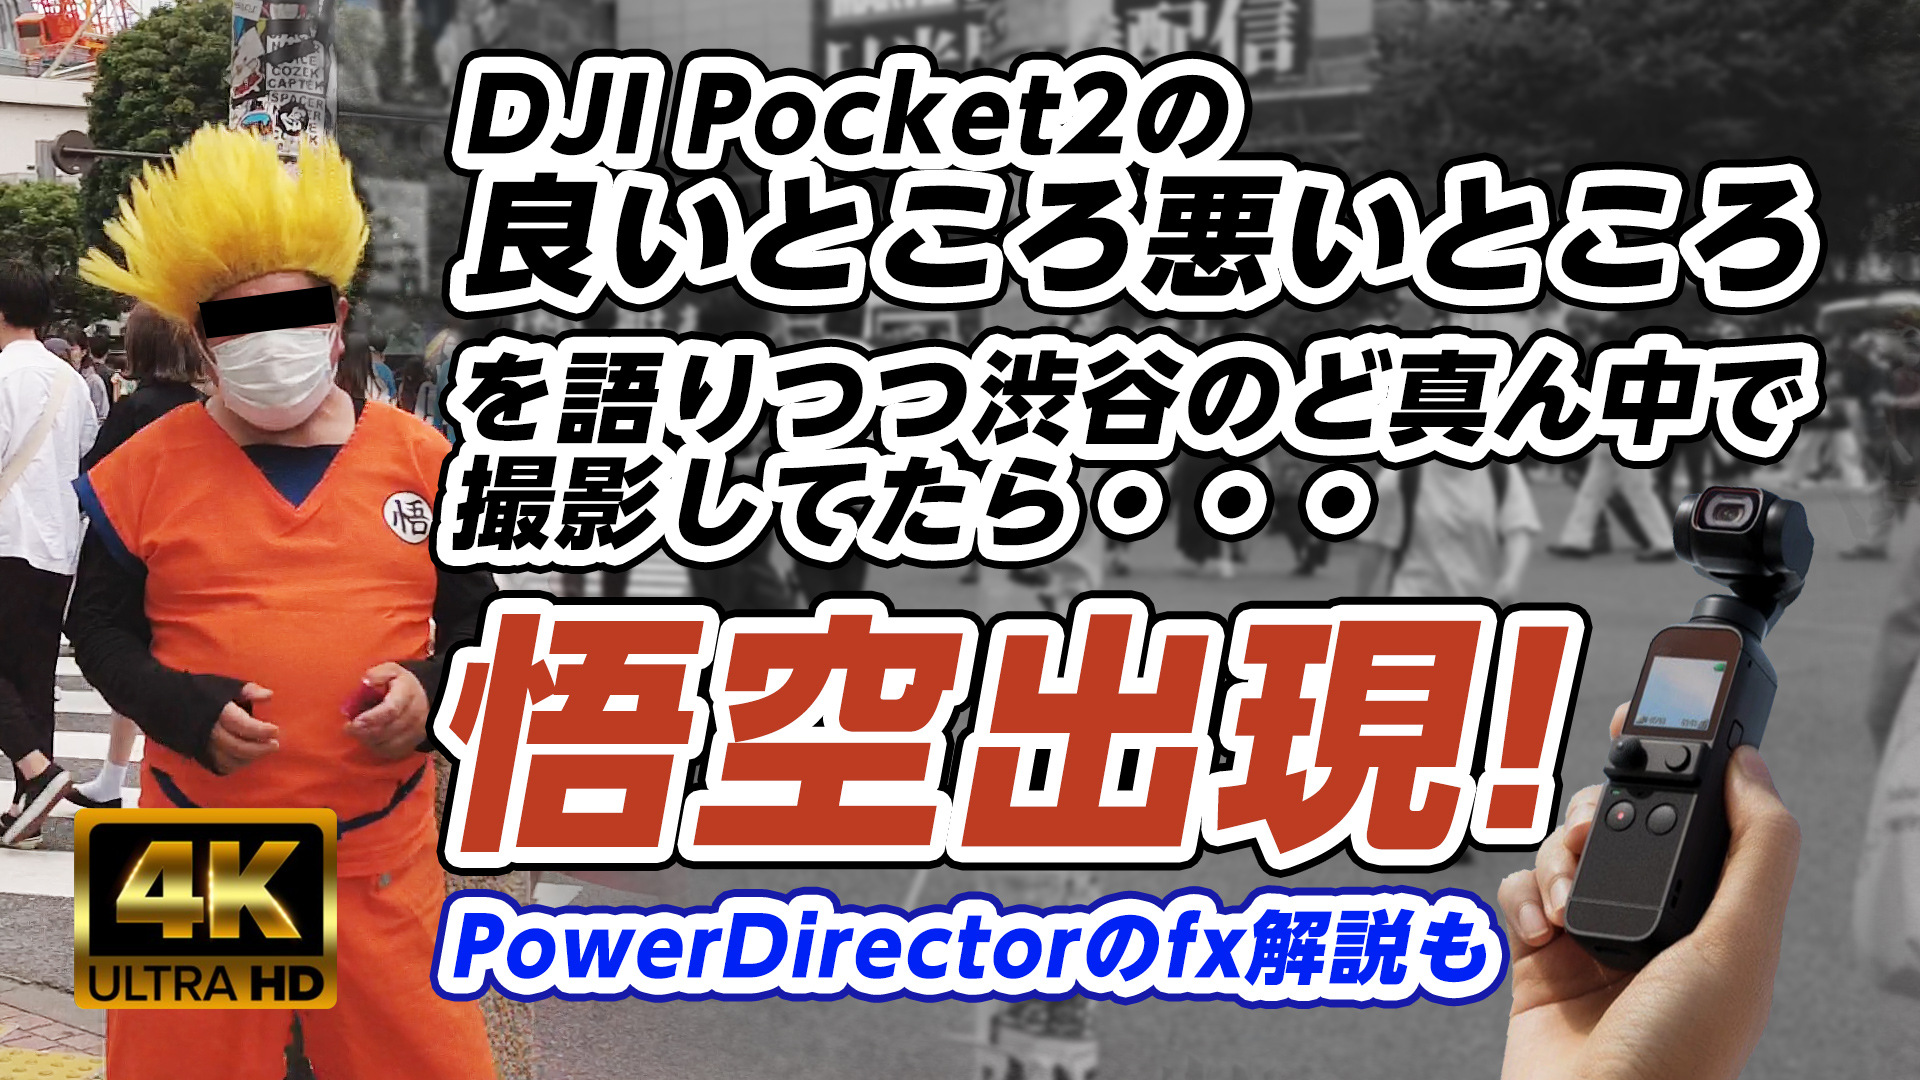 DJI Pocket2の良いところ悪いところを語りつつ渋谷のど真ん中で撮影してたら悟空が出現! - 7/4(日)14:00~の企画撮影の下見を兼ねて